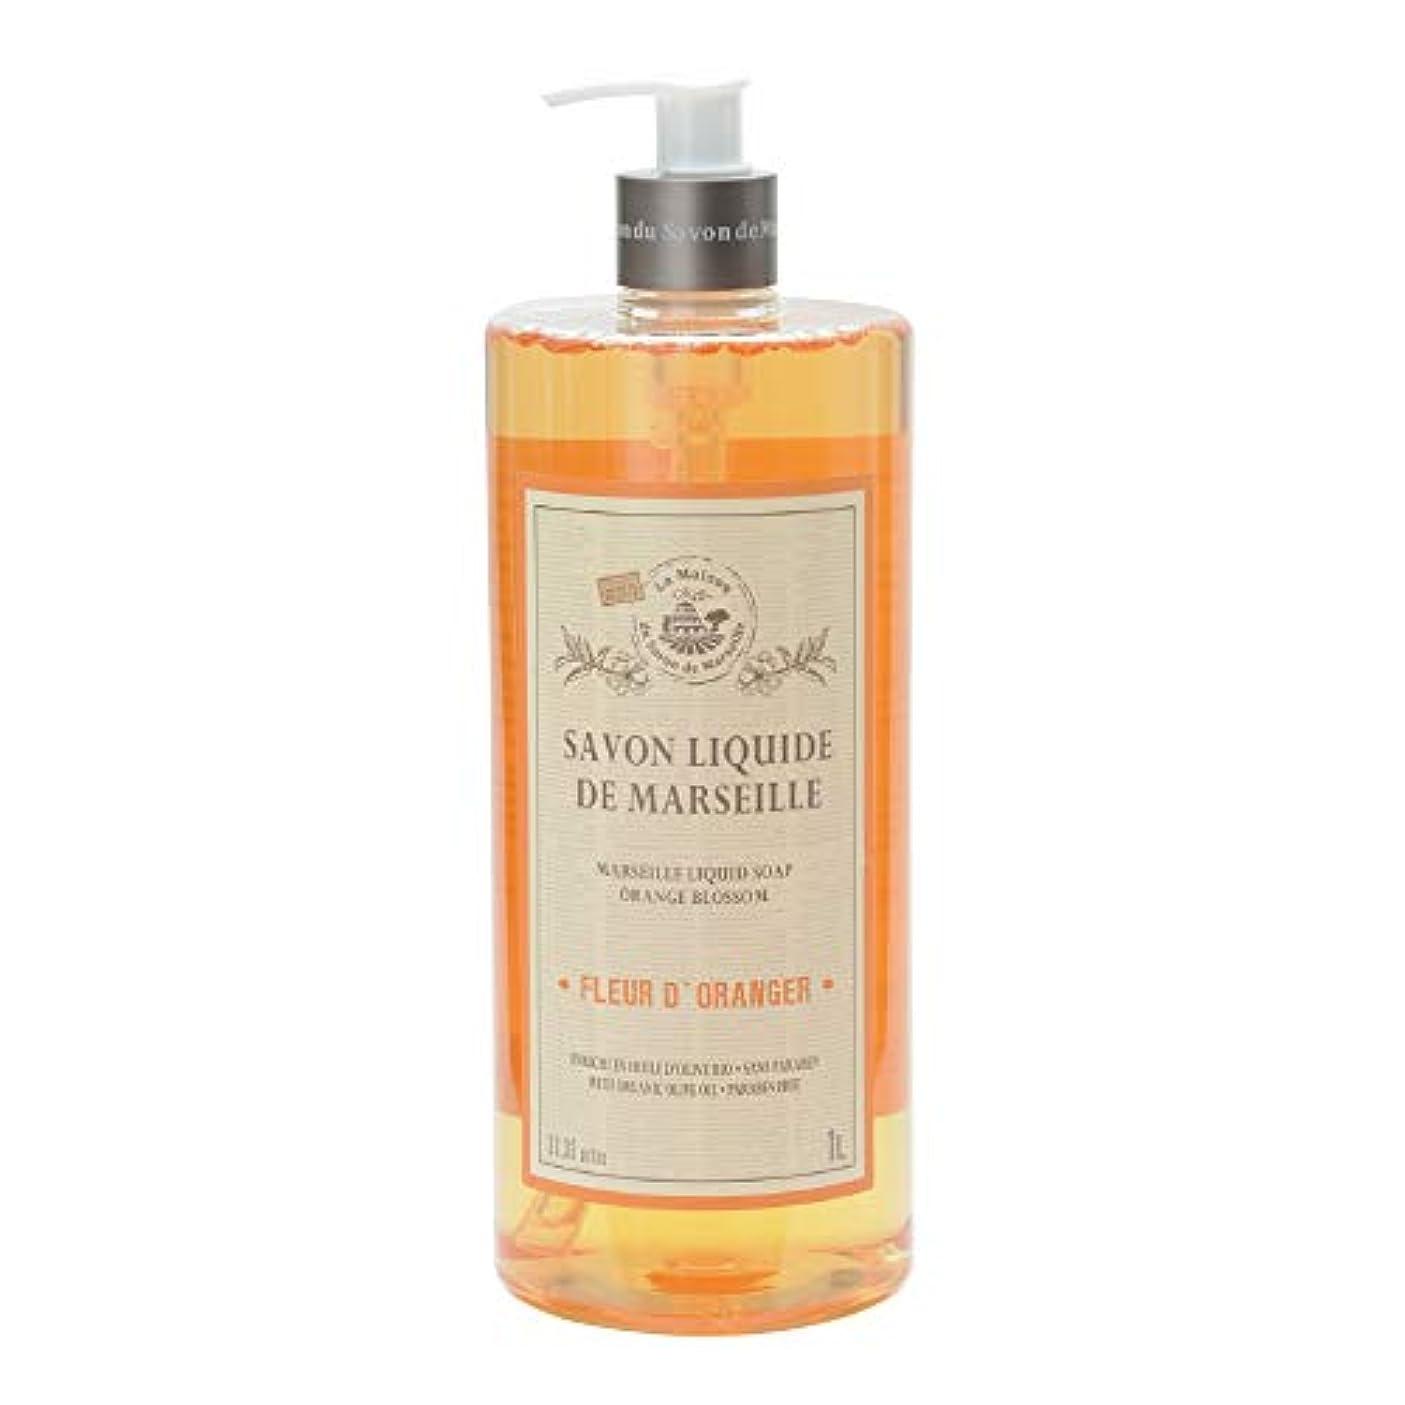 委員長ごみ縁石ノルコーポレーション マルセイユ石鹸 リキッドソープ 1L オレンジの香り MLL-2-3